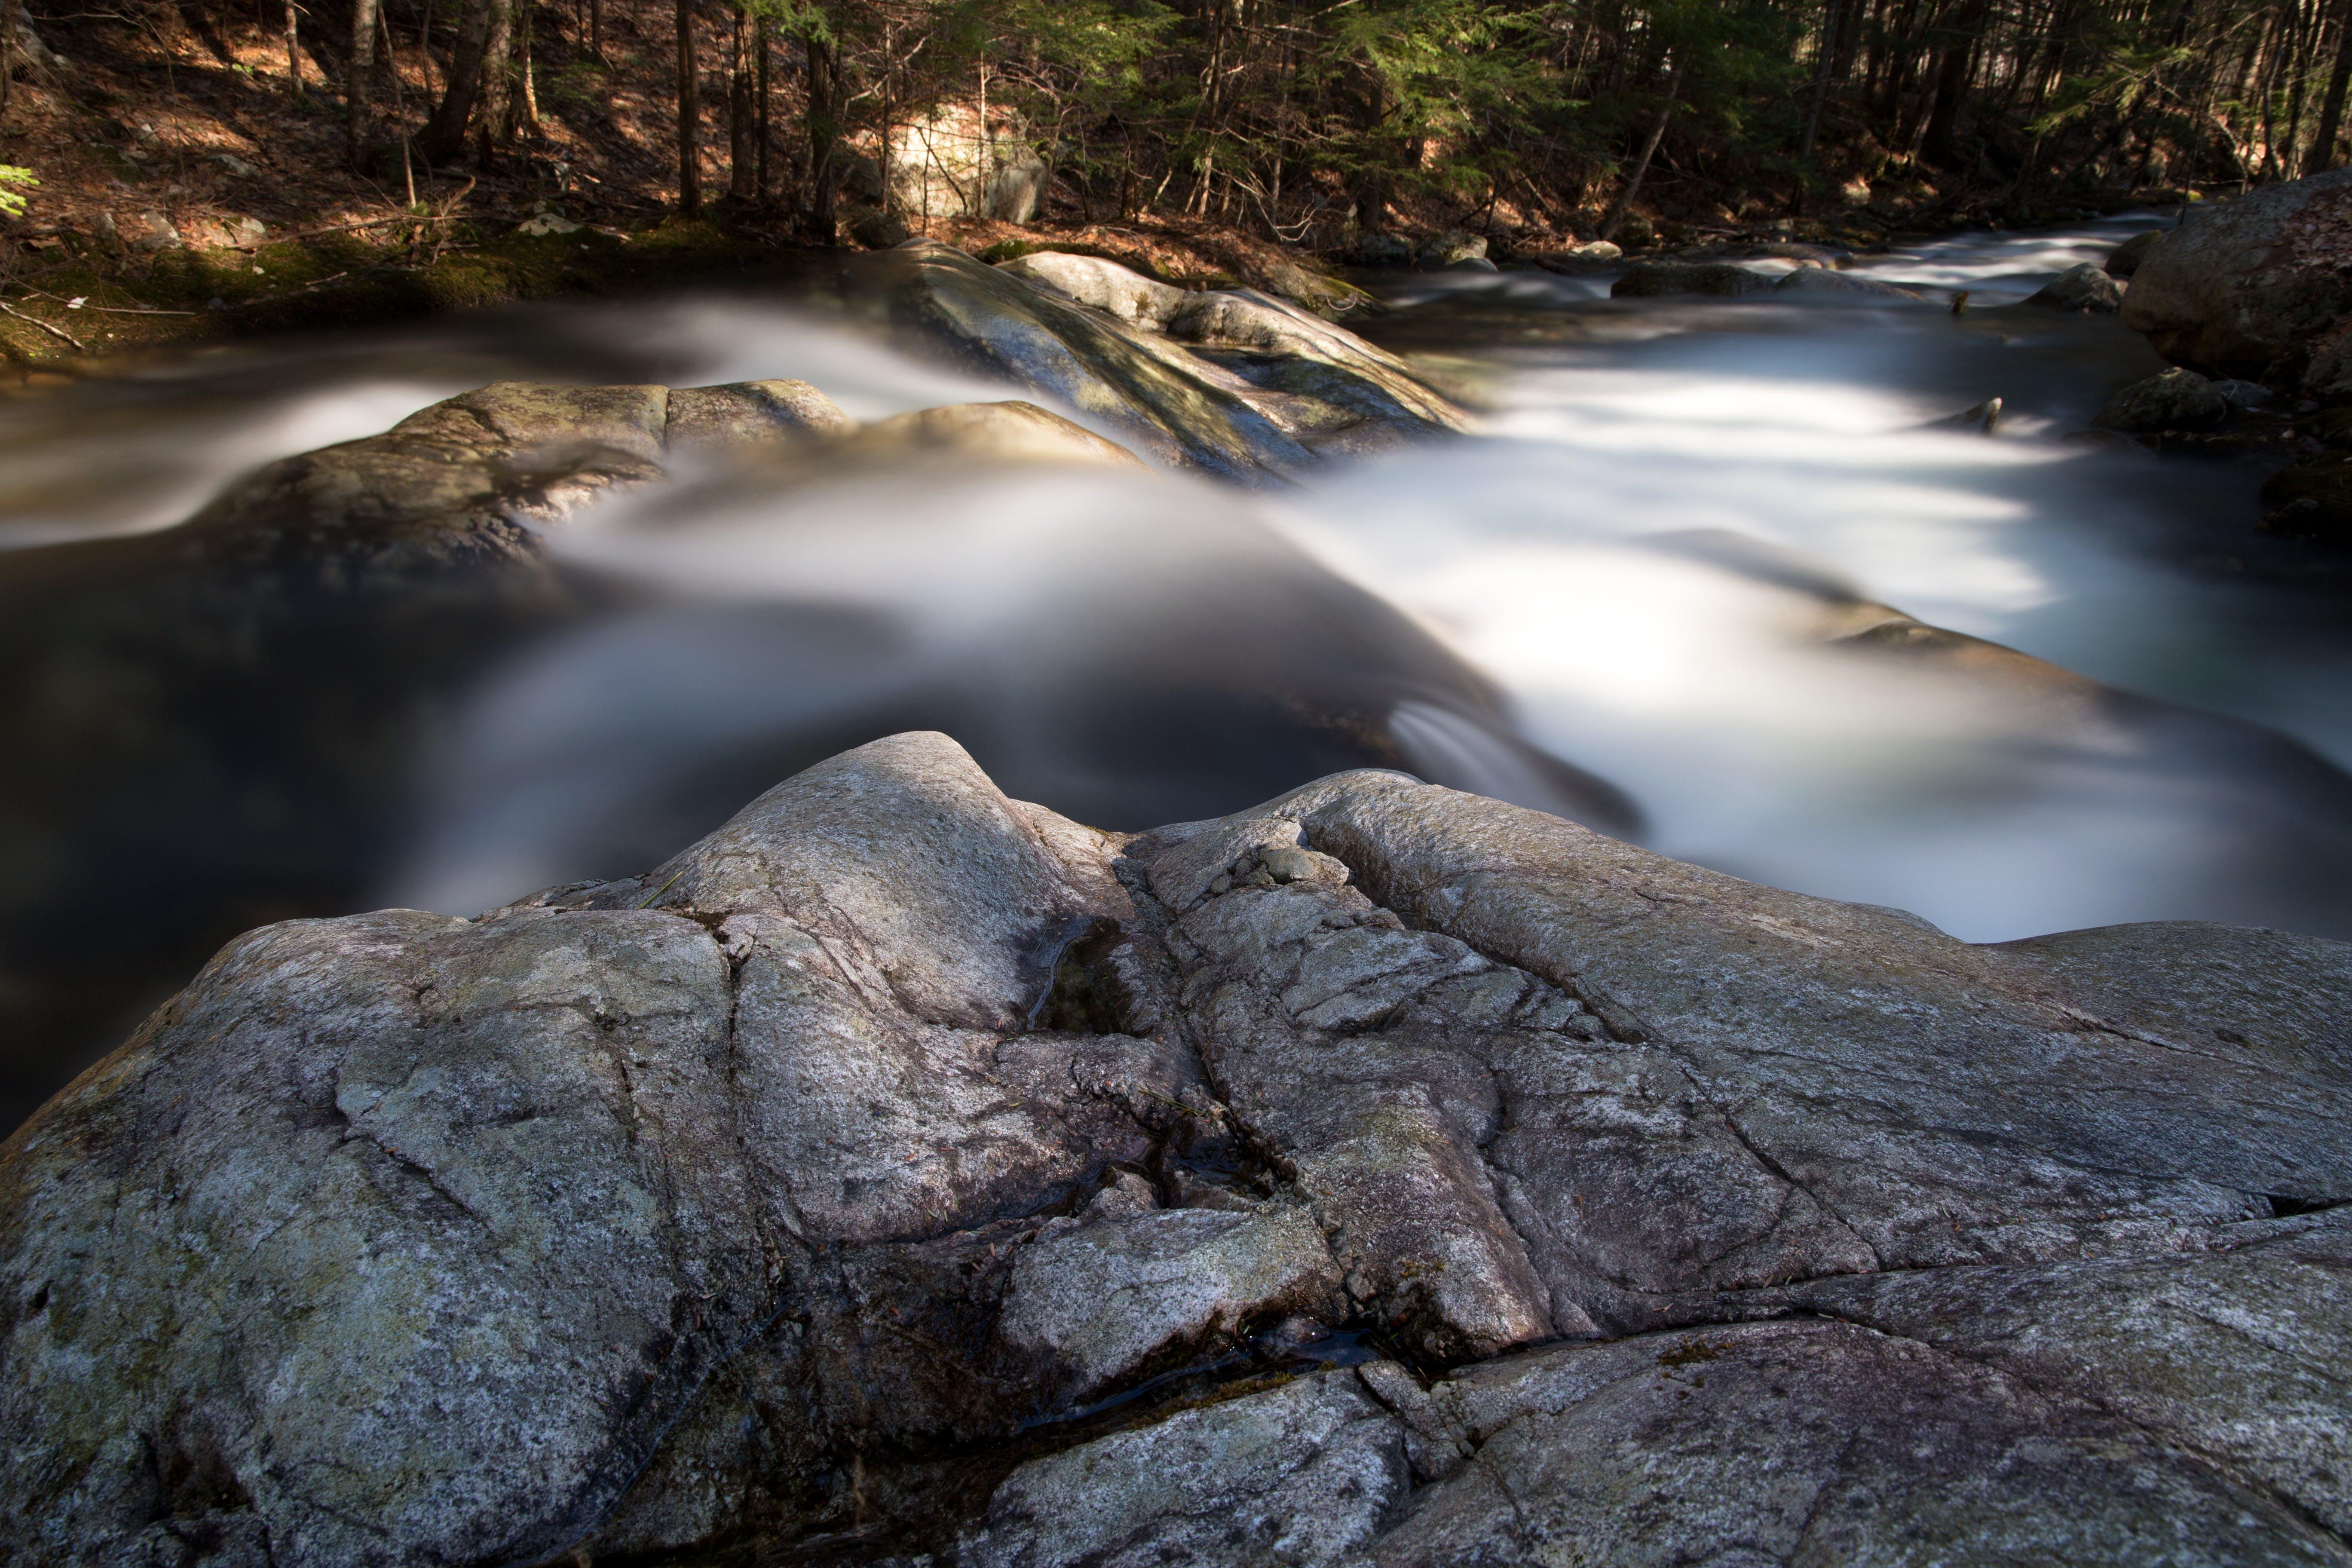 cascade, creek, environment